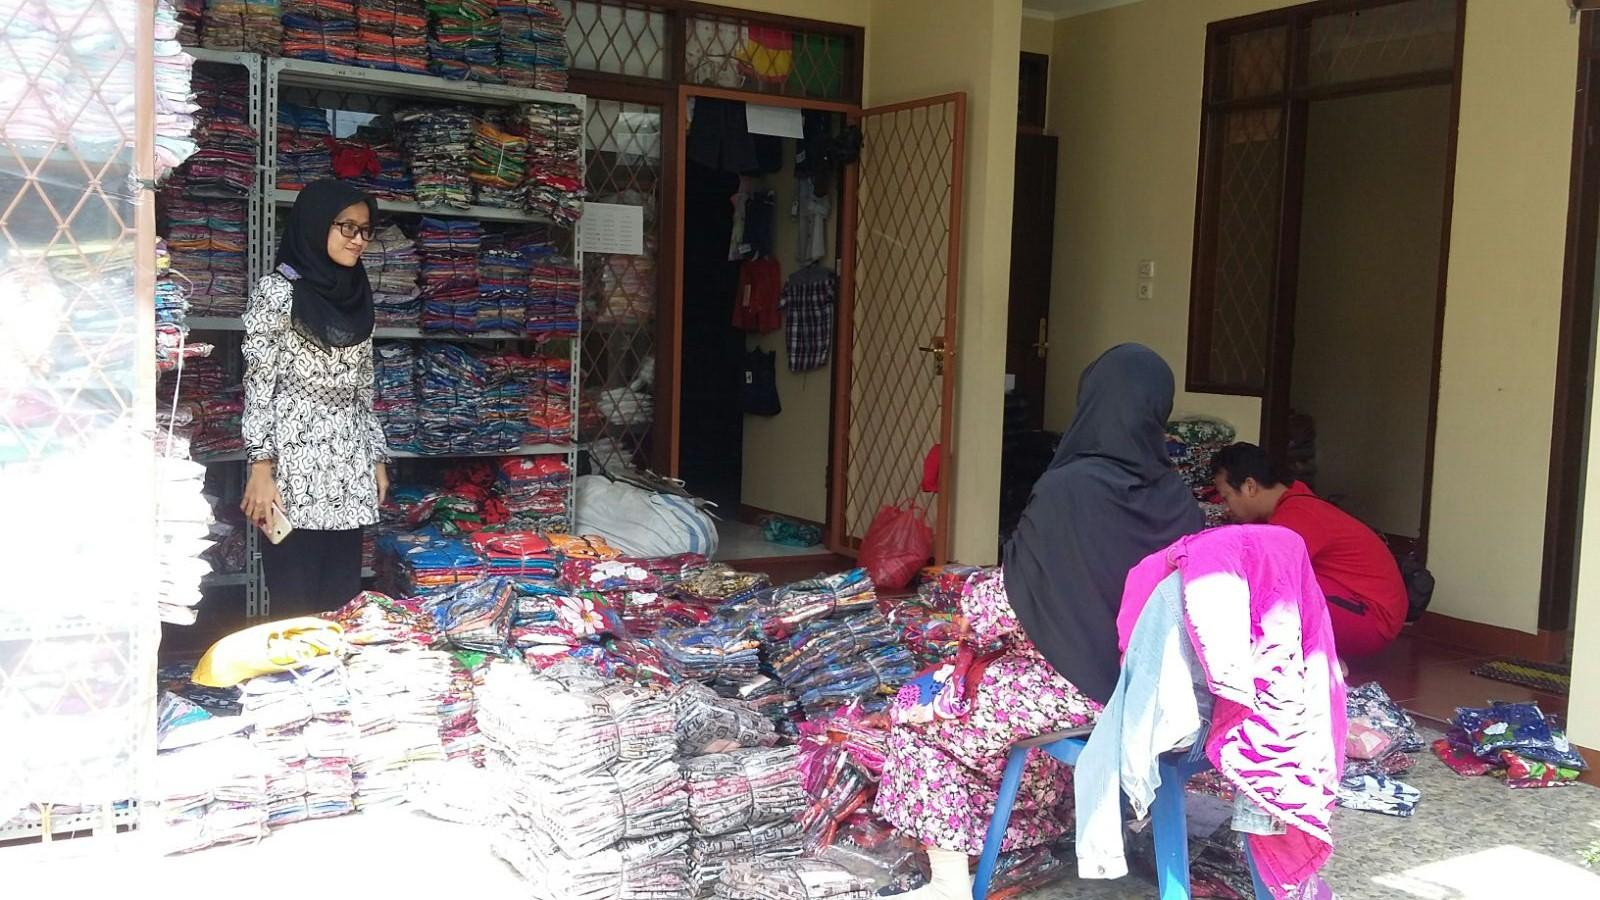 Grosir Baju Distro Cimahi Murah Konveksi Distro Dujati New Autentic Murah di Cimahi